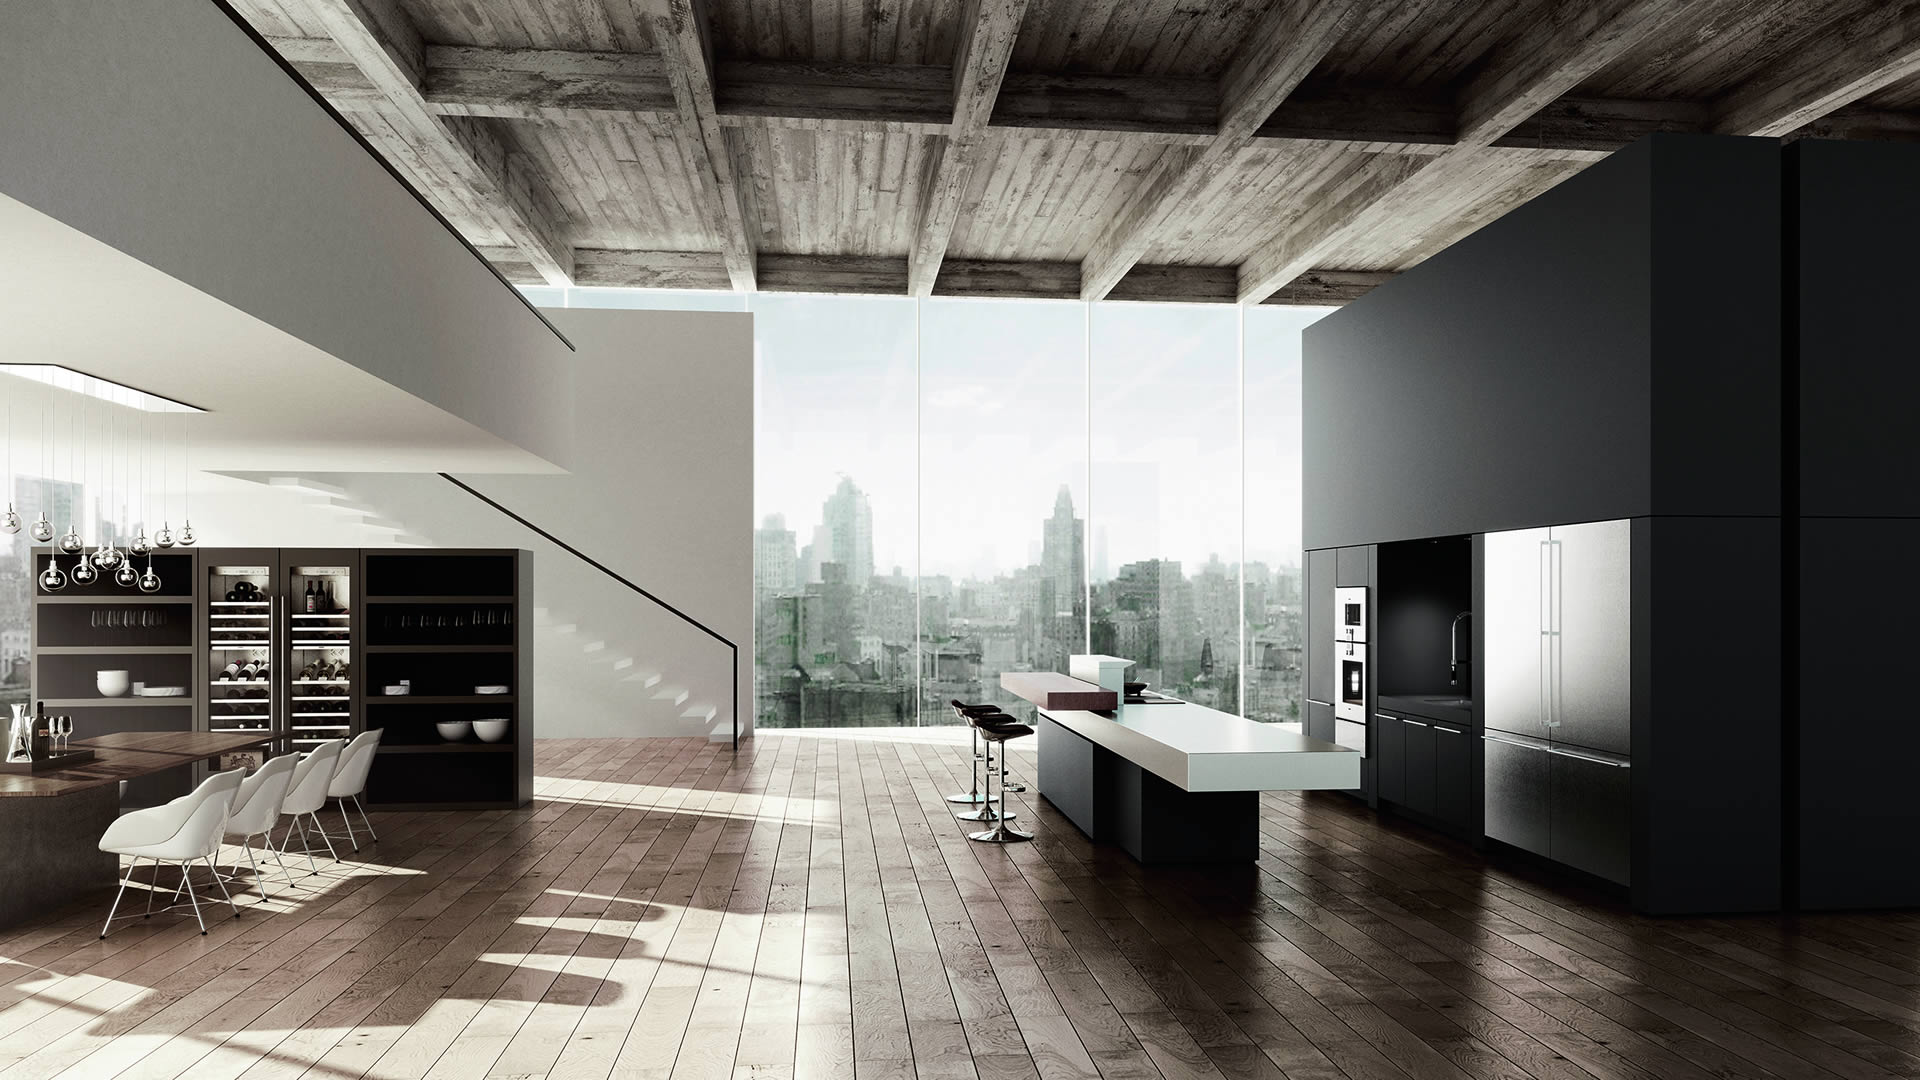 GAGGENAU | Fine Luxury Kitchen Appliances - Nordic Kitchens ...